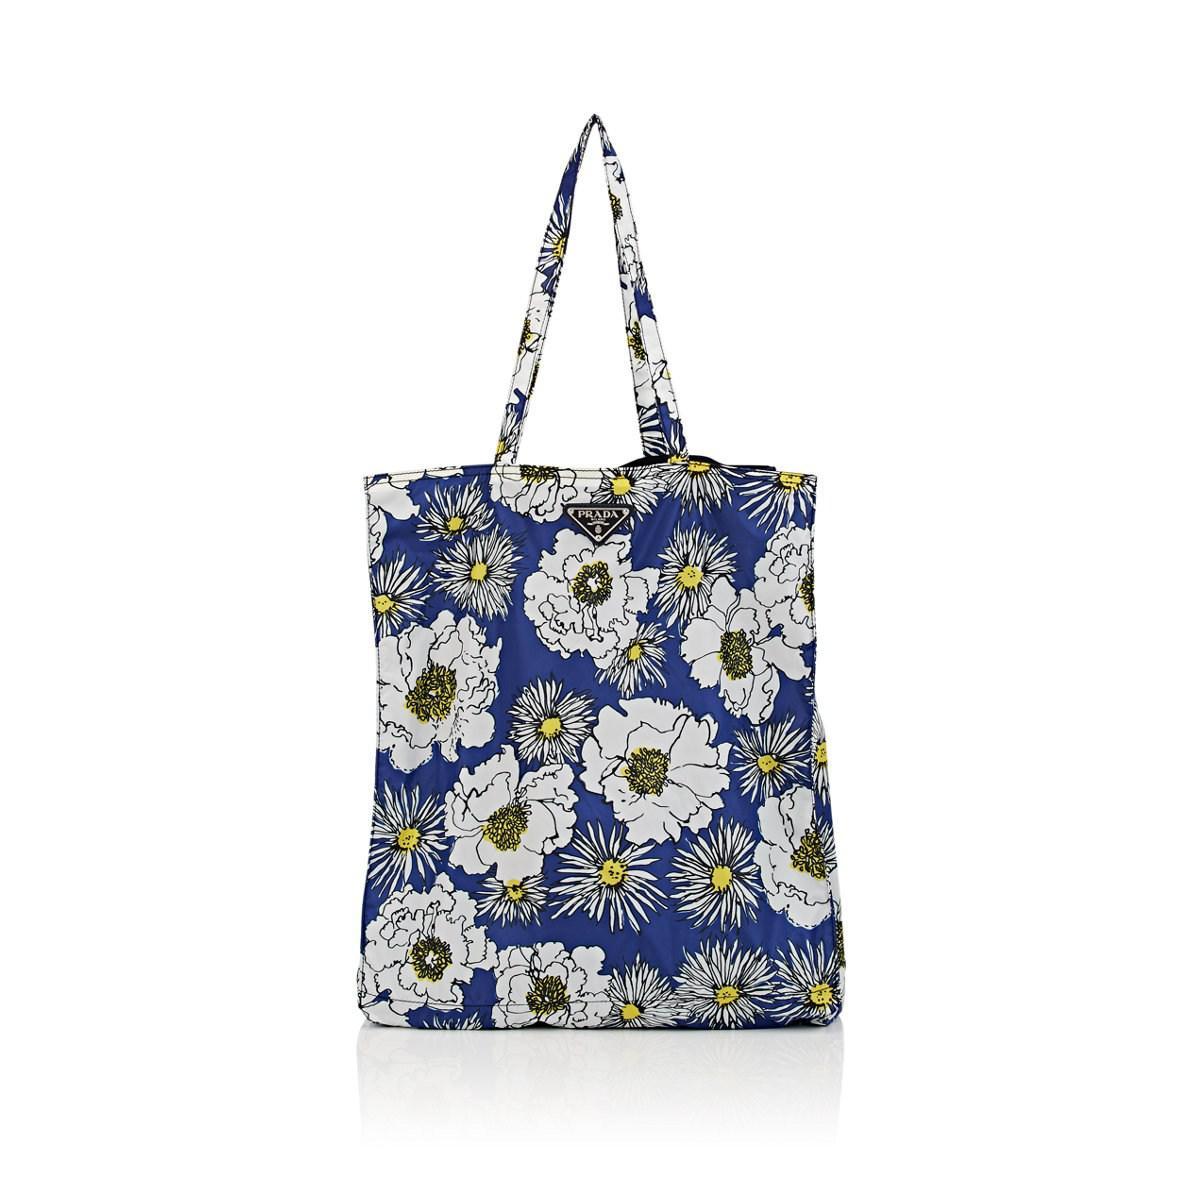 b374a328289f ... canada lyst prada lady shopping tote bag in blue 0db01 469b3